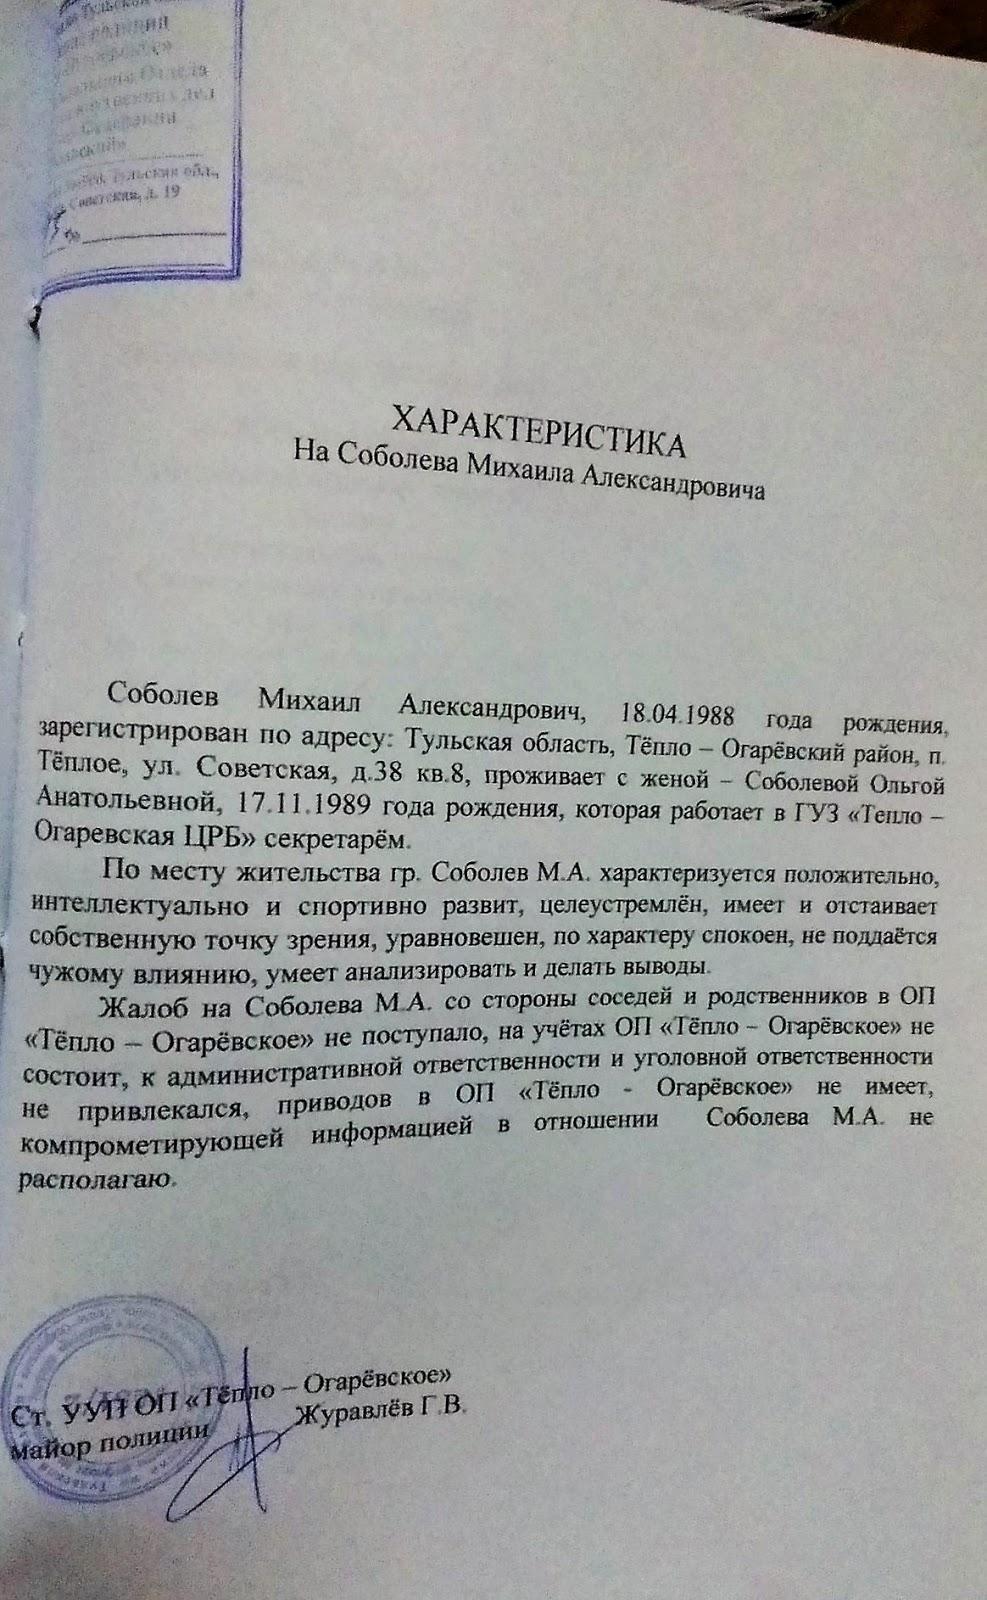 Характеристику с места работы в суд Хорошевский 1-й проезд справка 2 ндфл о доходах